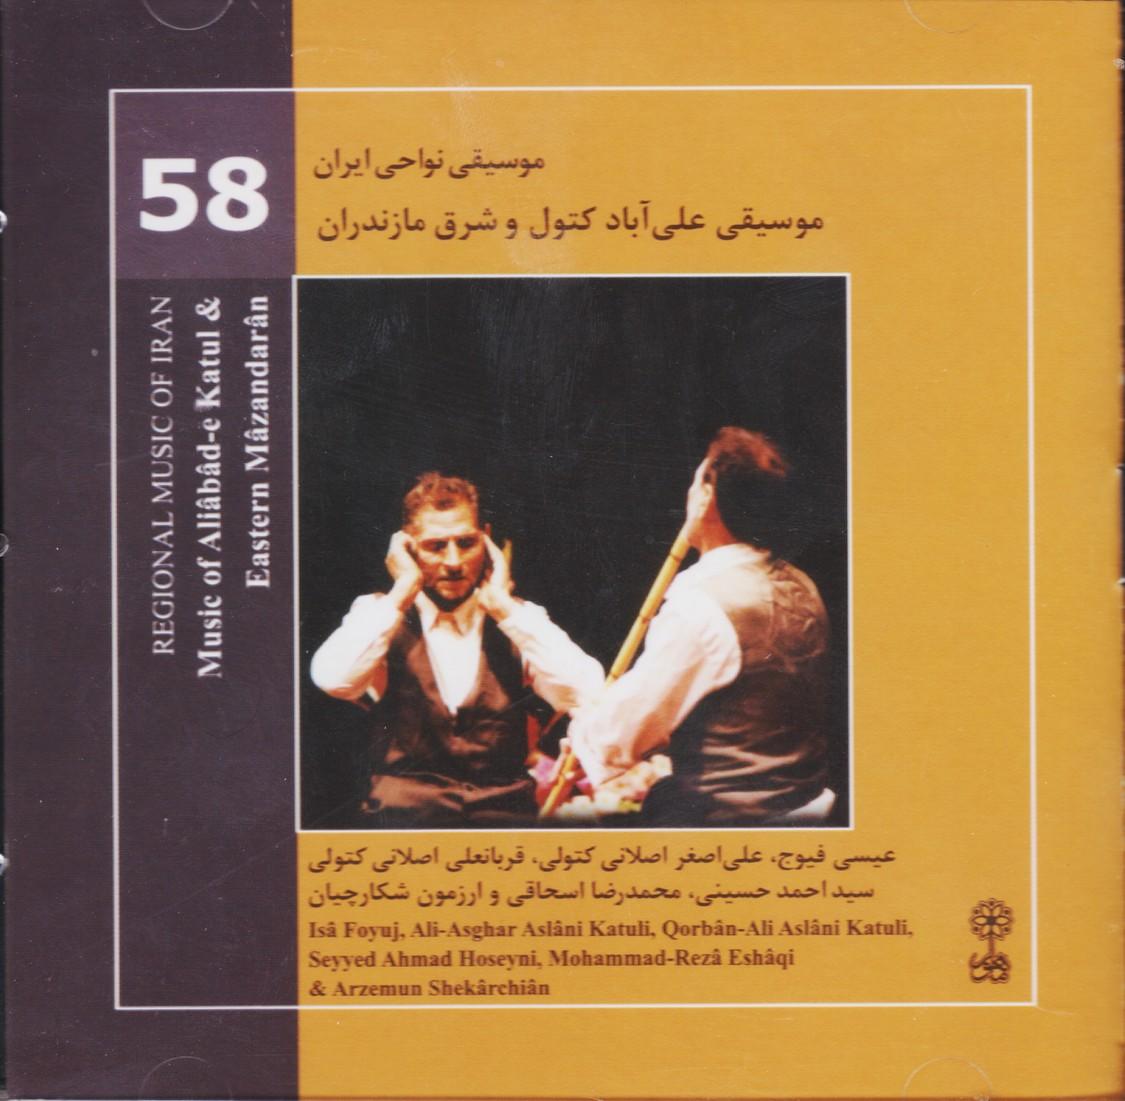 موسیقی علی آباد کتول و شرق مازندران: موسیقی نواحی ایران 58